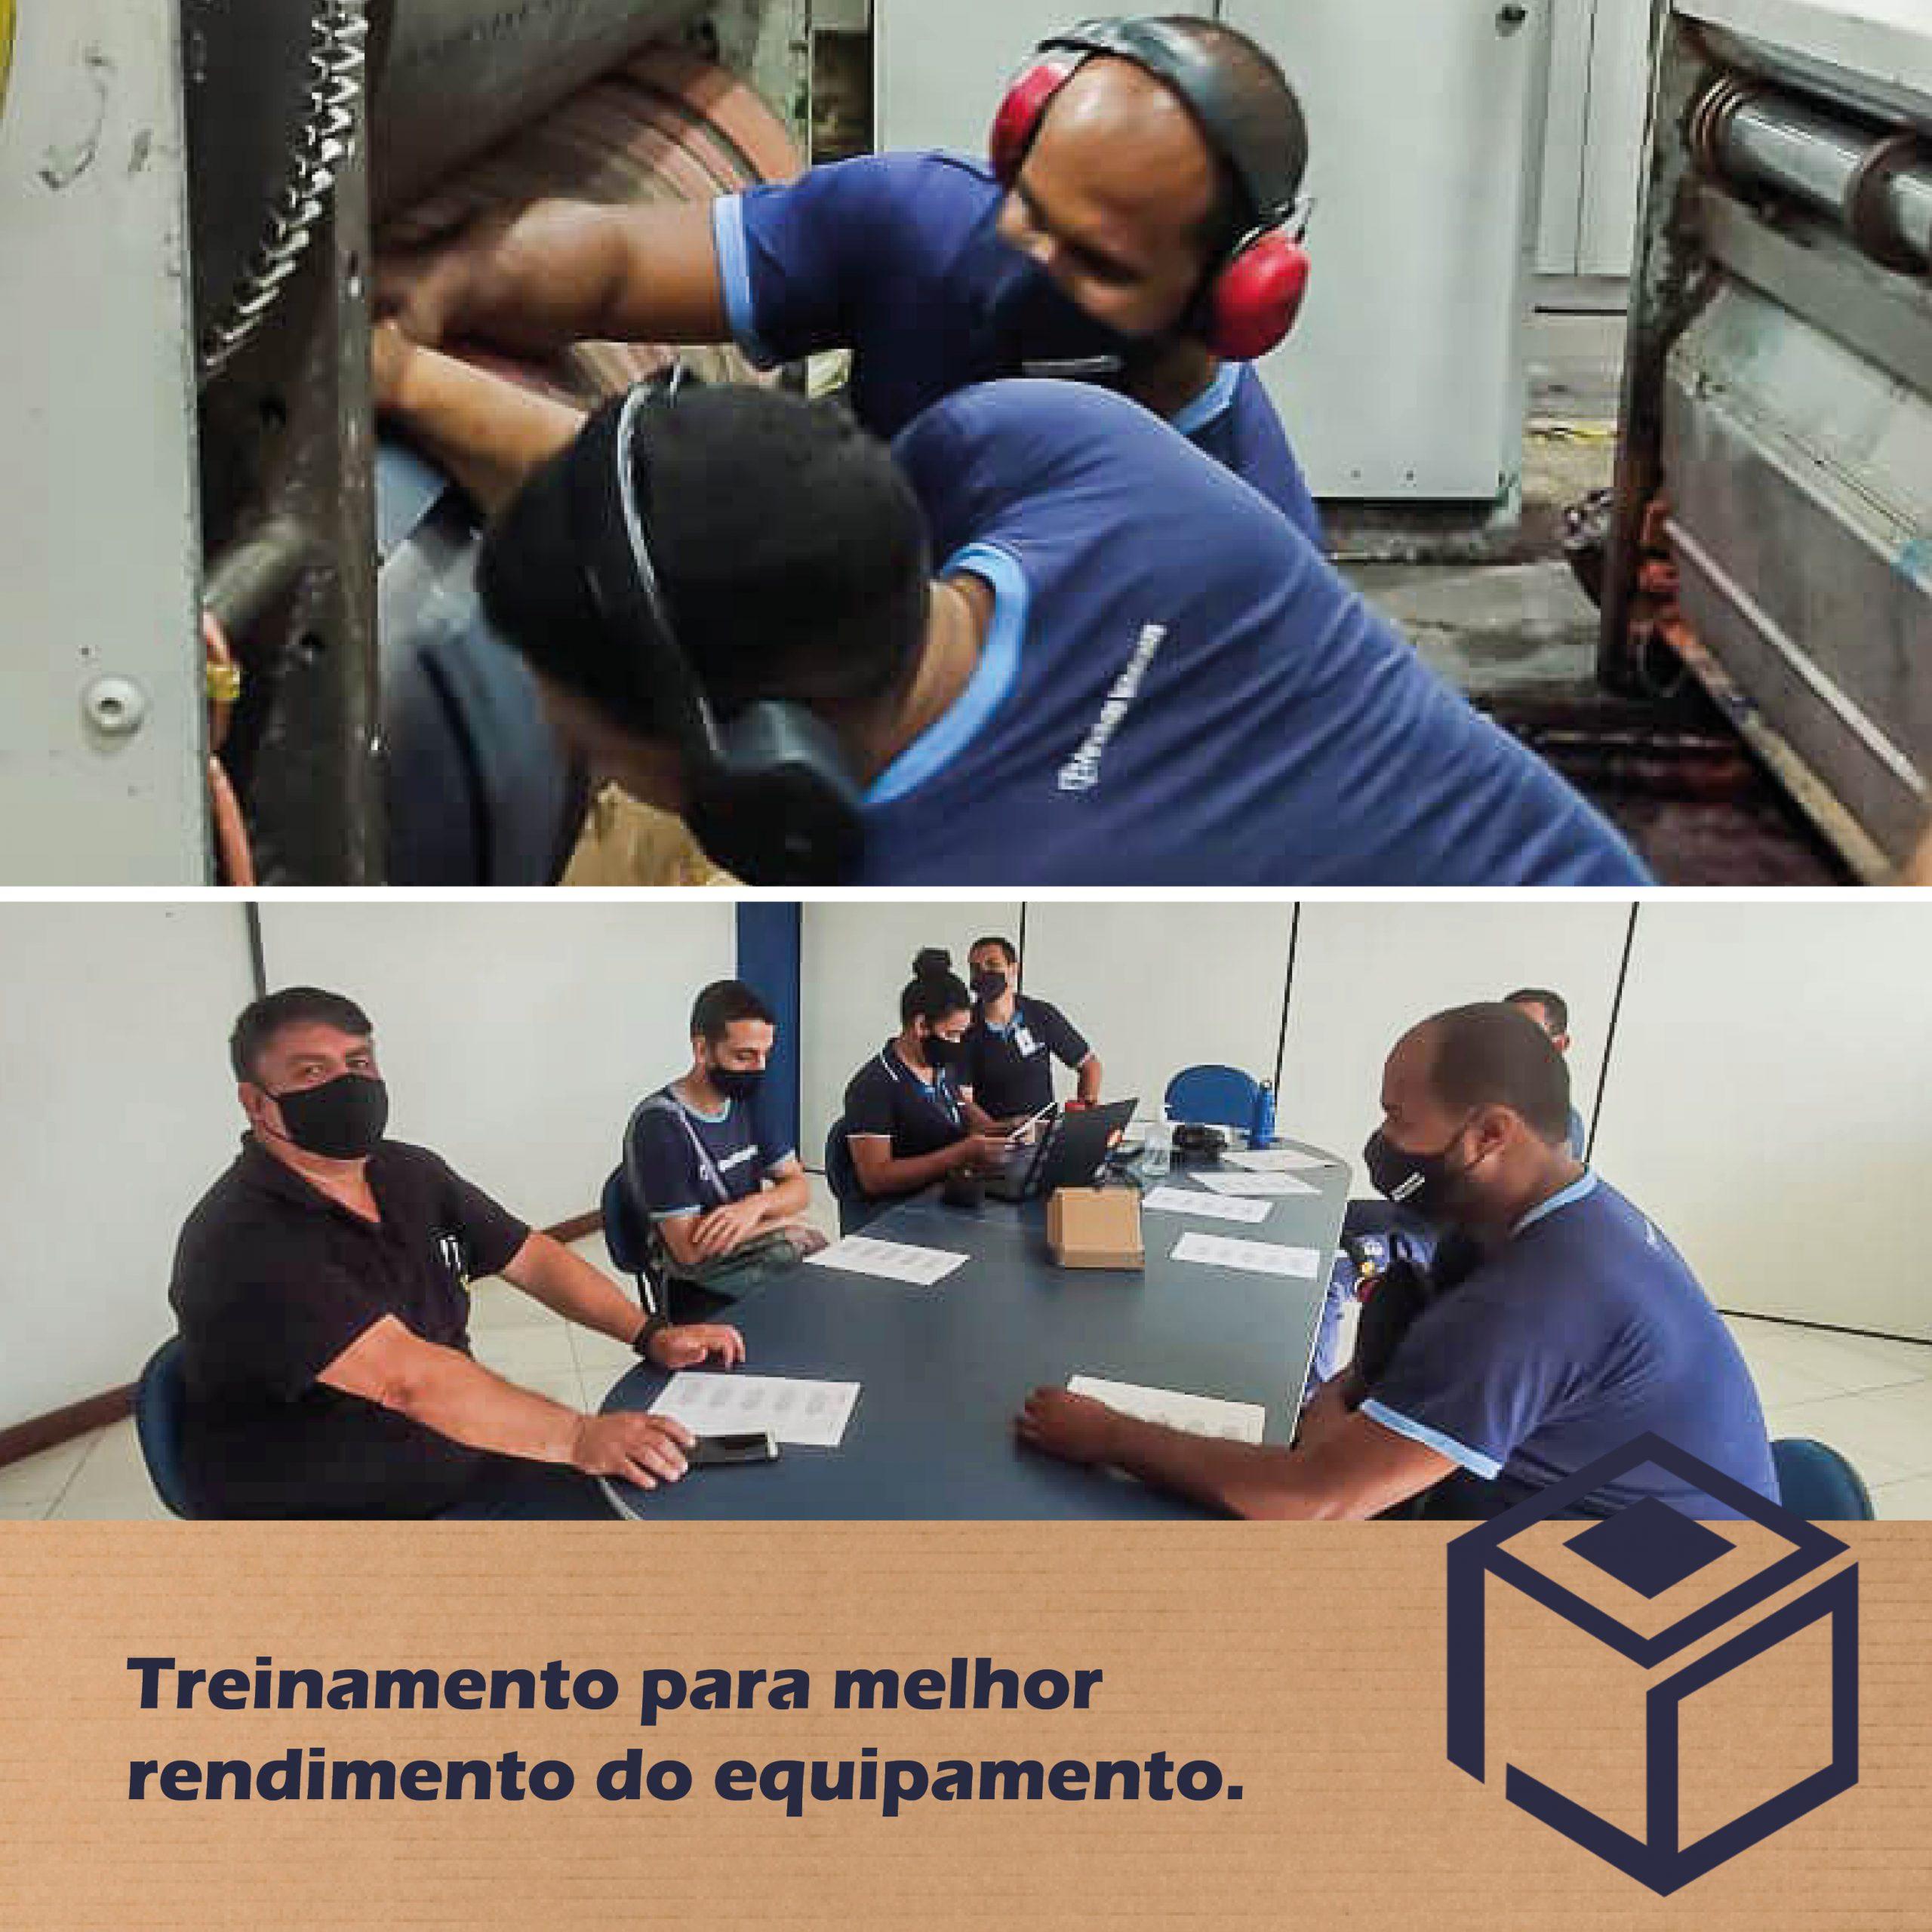 Treinamento para melhor rendimento do equipamento.